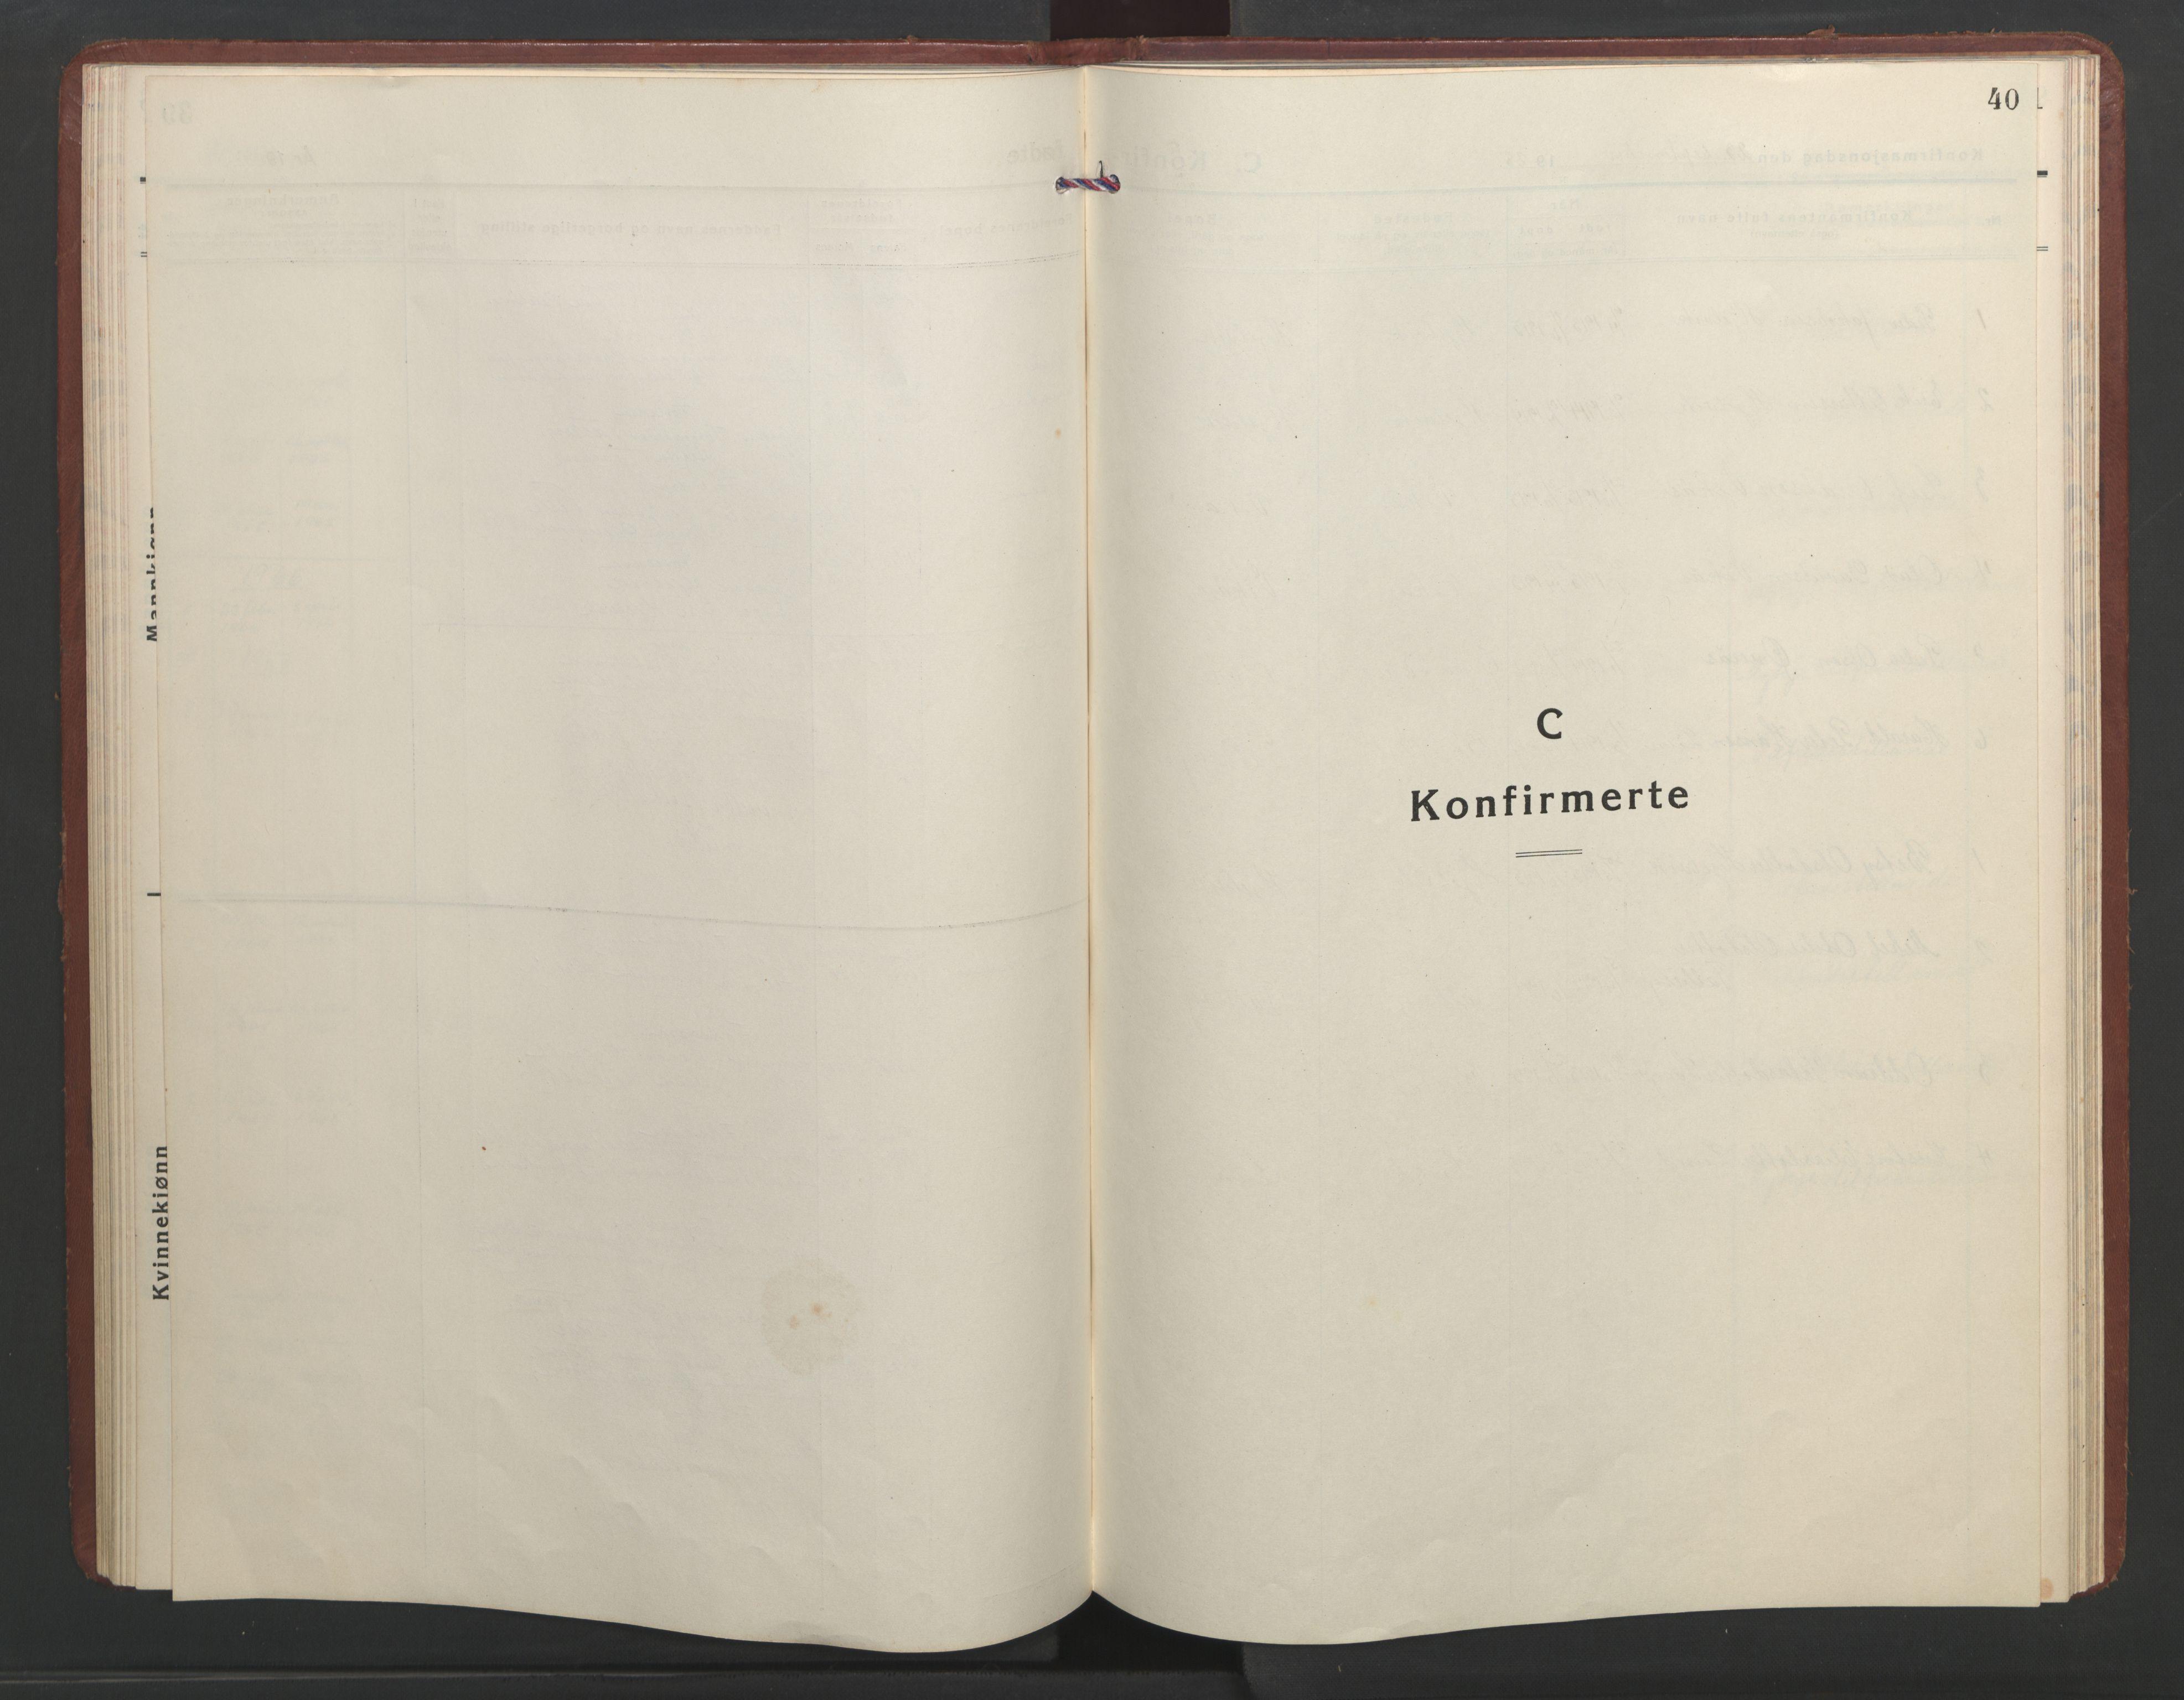 SAT, Ministerialprotokoller, klokkerbøker og fødselsregistre - Møre og Romsdal, 550/L0619: Klokkerbok nr. 550C02, 1928-1967, s. 40